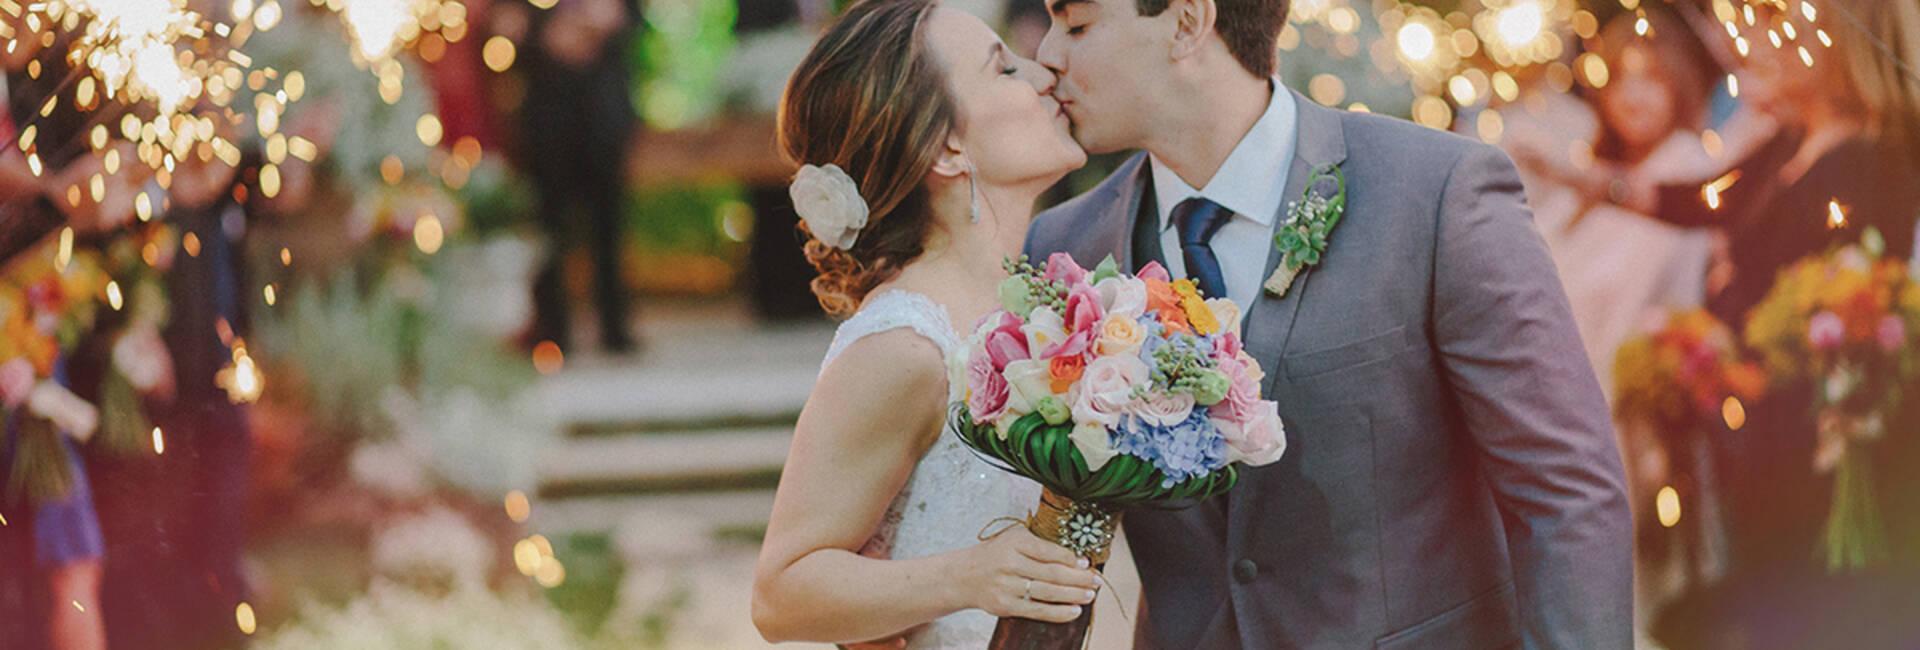 casamento de Juliana e David